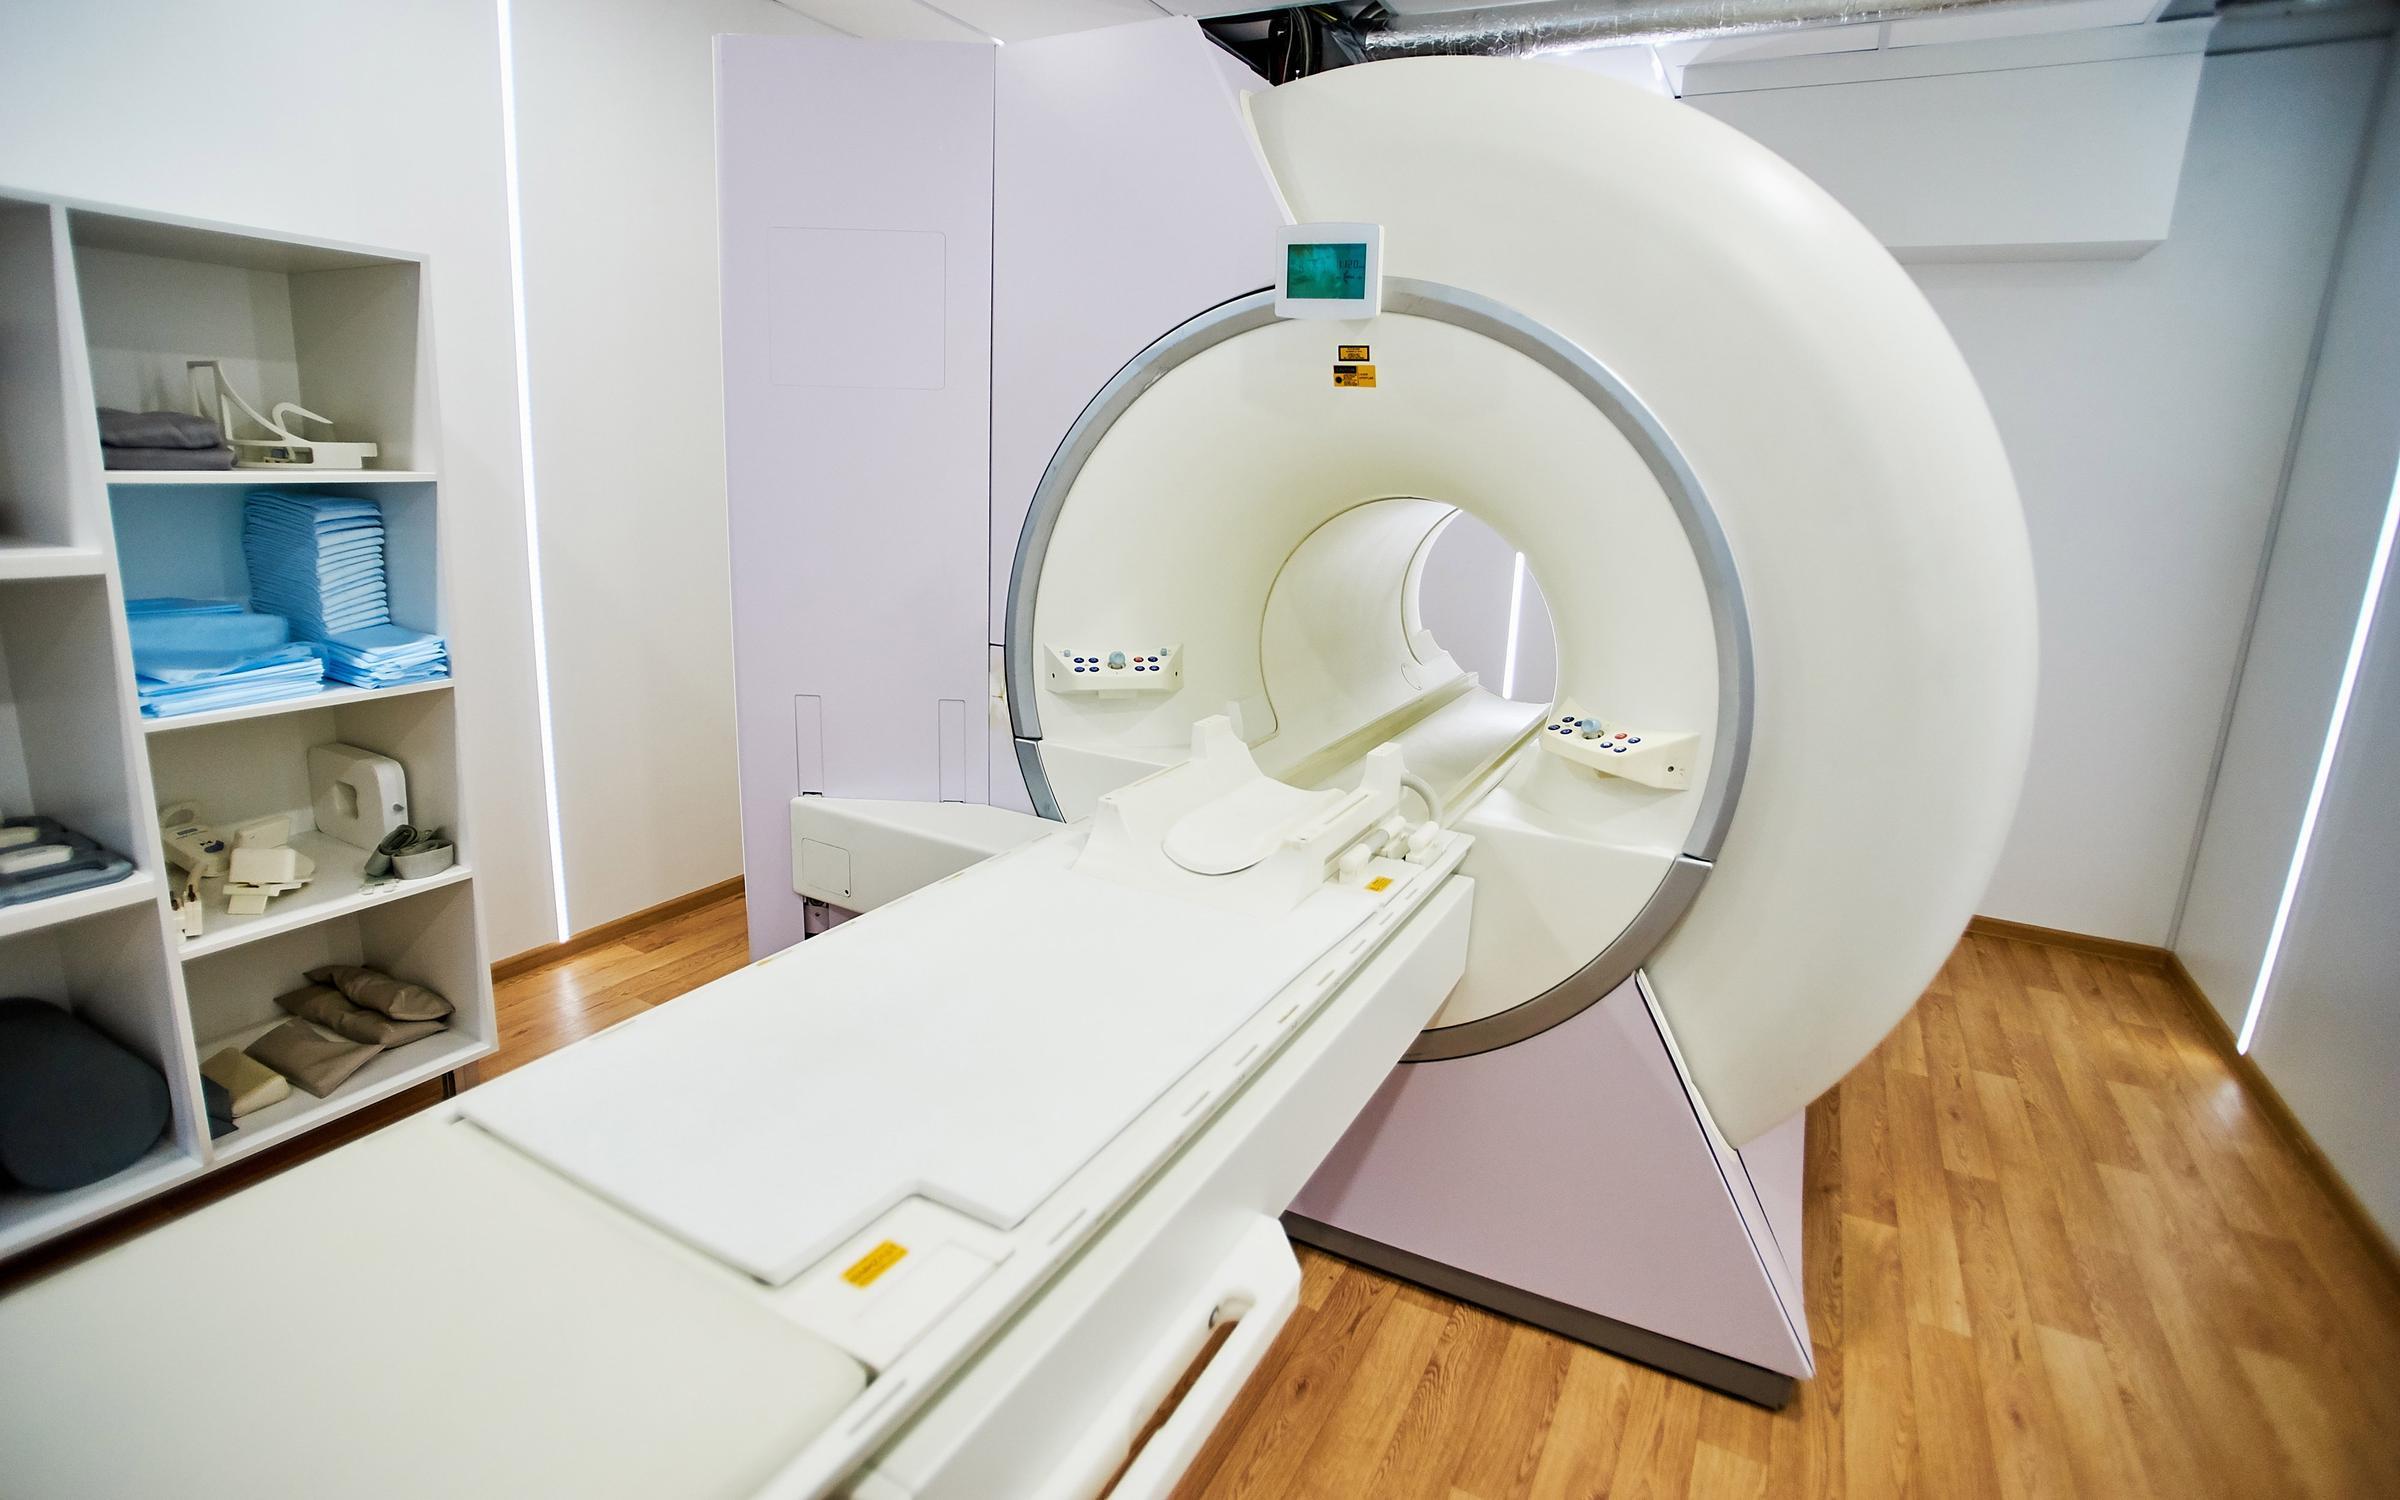 фотография Диагностического медицинского центра Резонанс на улице Карла Либкнехта